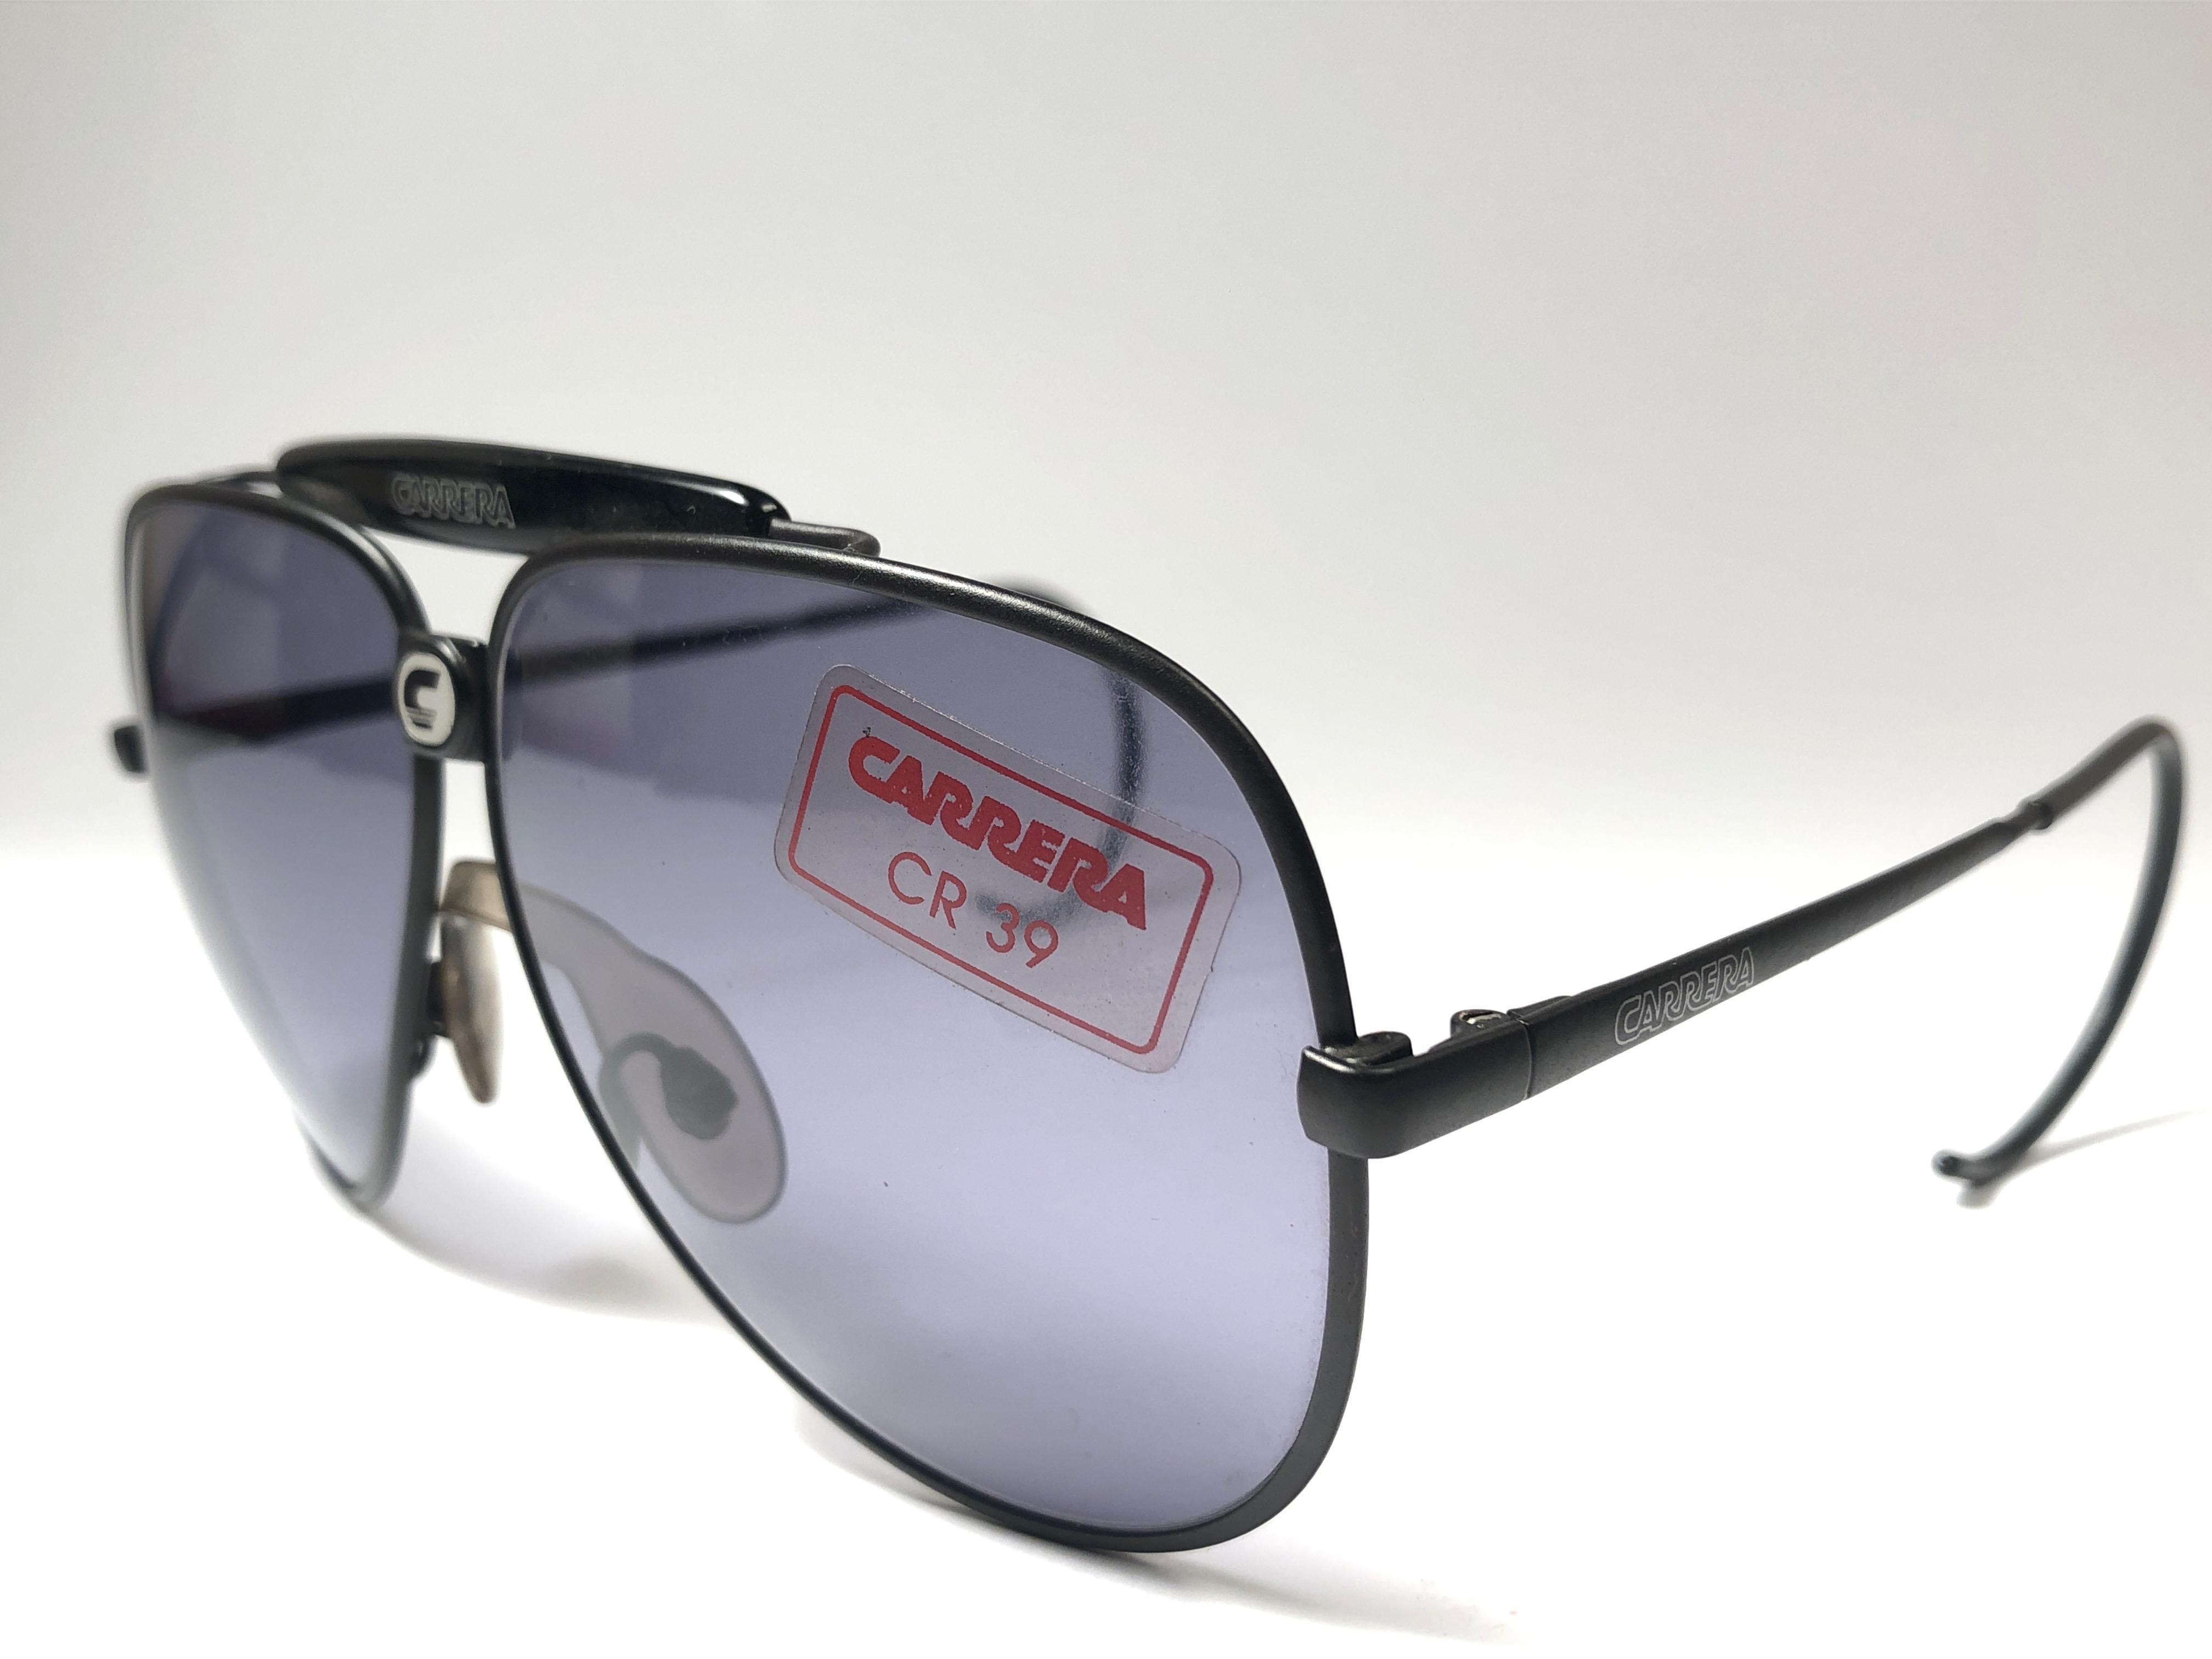 0e6e80918bd4ad Neue übergroße Vintage Carrera Aviator 5543 schwarze große Sonnenbrille,  Österreich, 1970er im Angebot bei 1stdibs